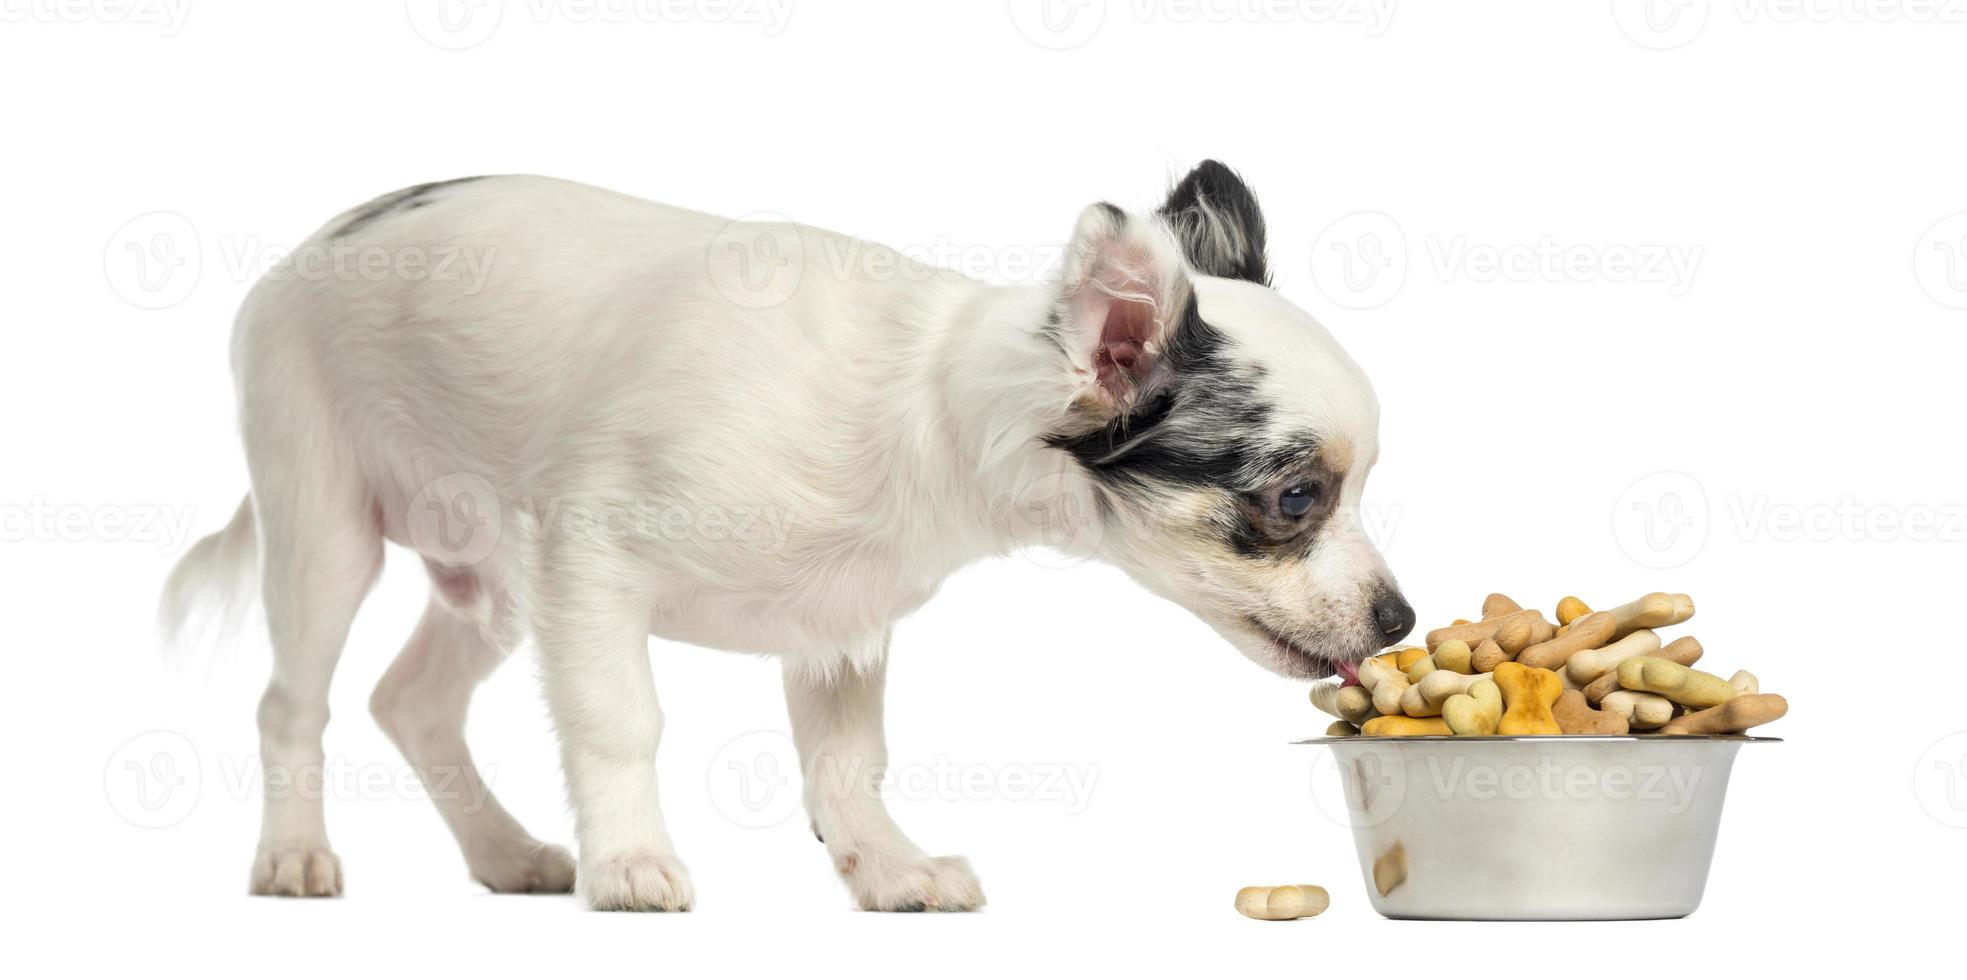 cucciolo della chihuahua che mangia i biscotti per cani da una ciotola foto